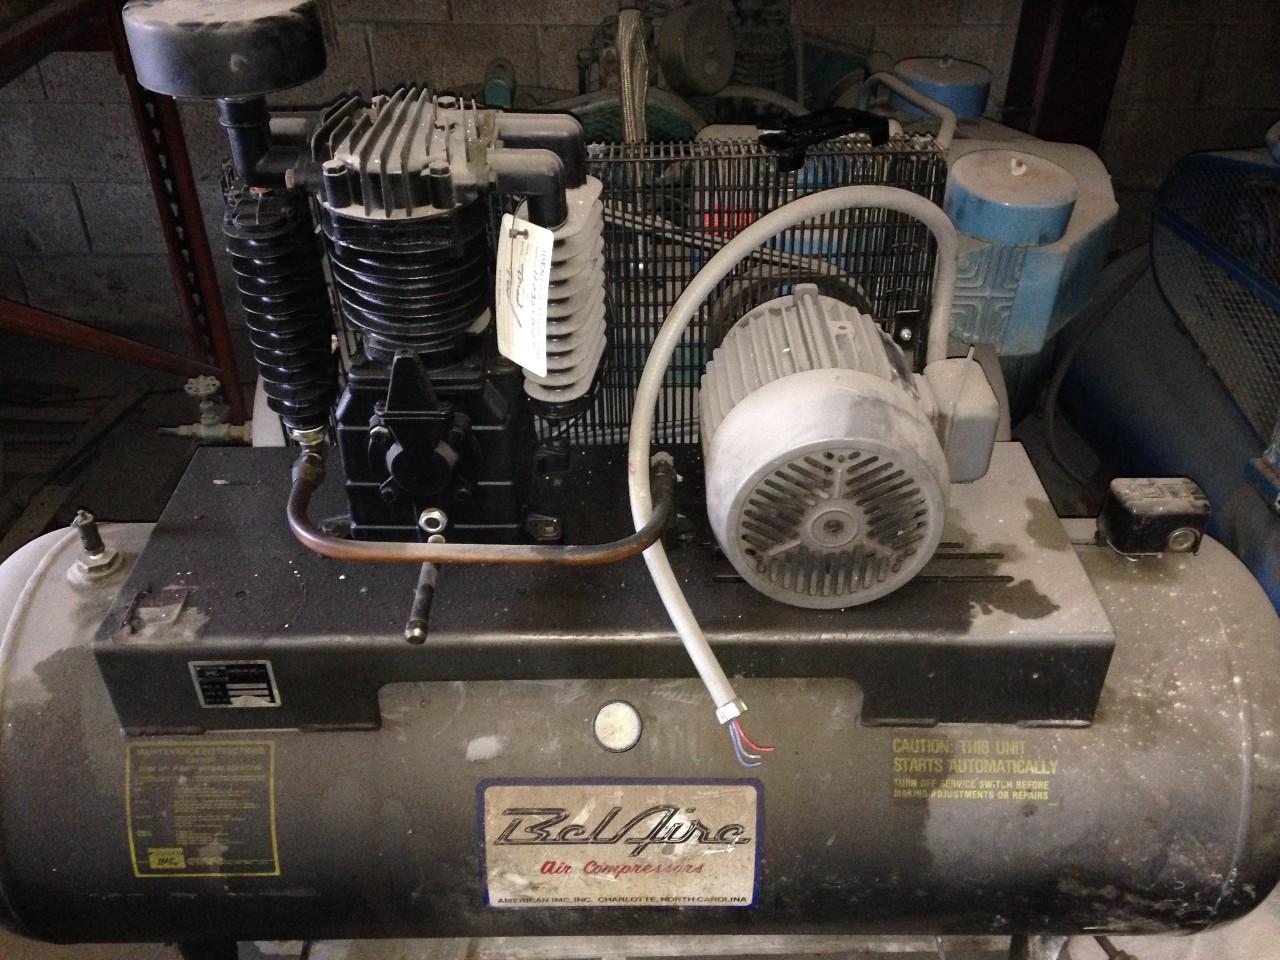 Bel Aire Air Compressor (IMC America)